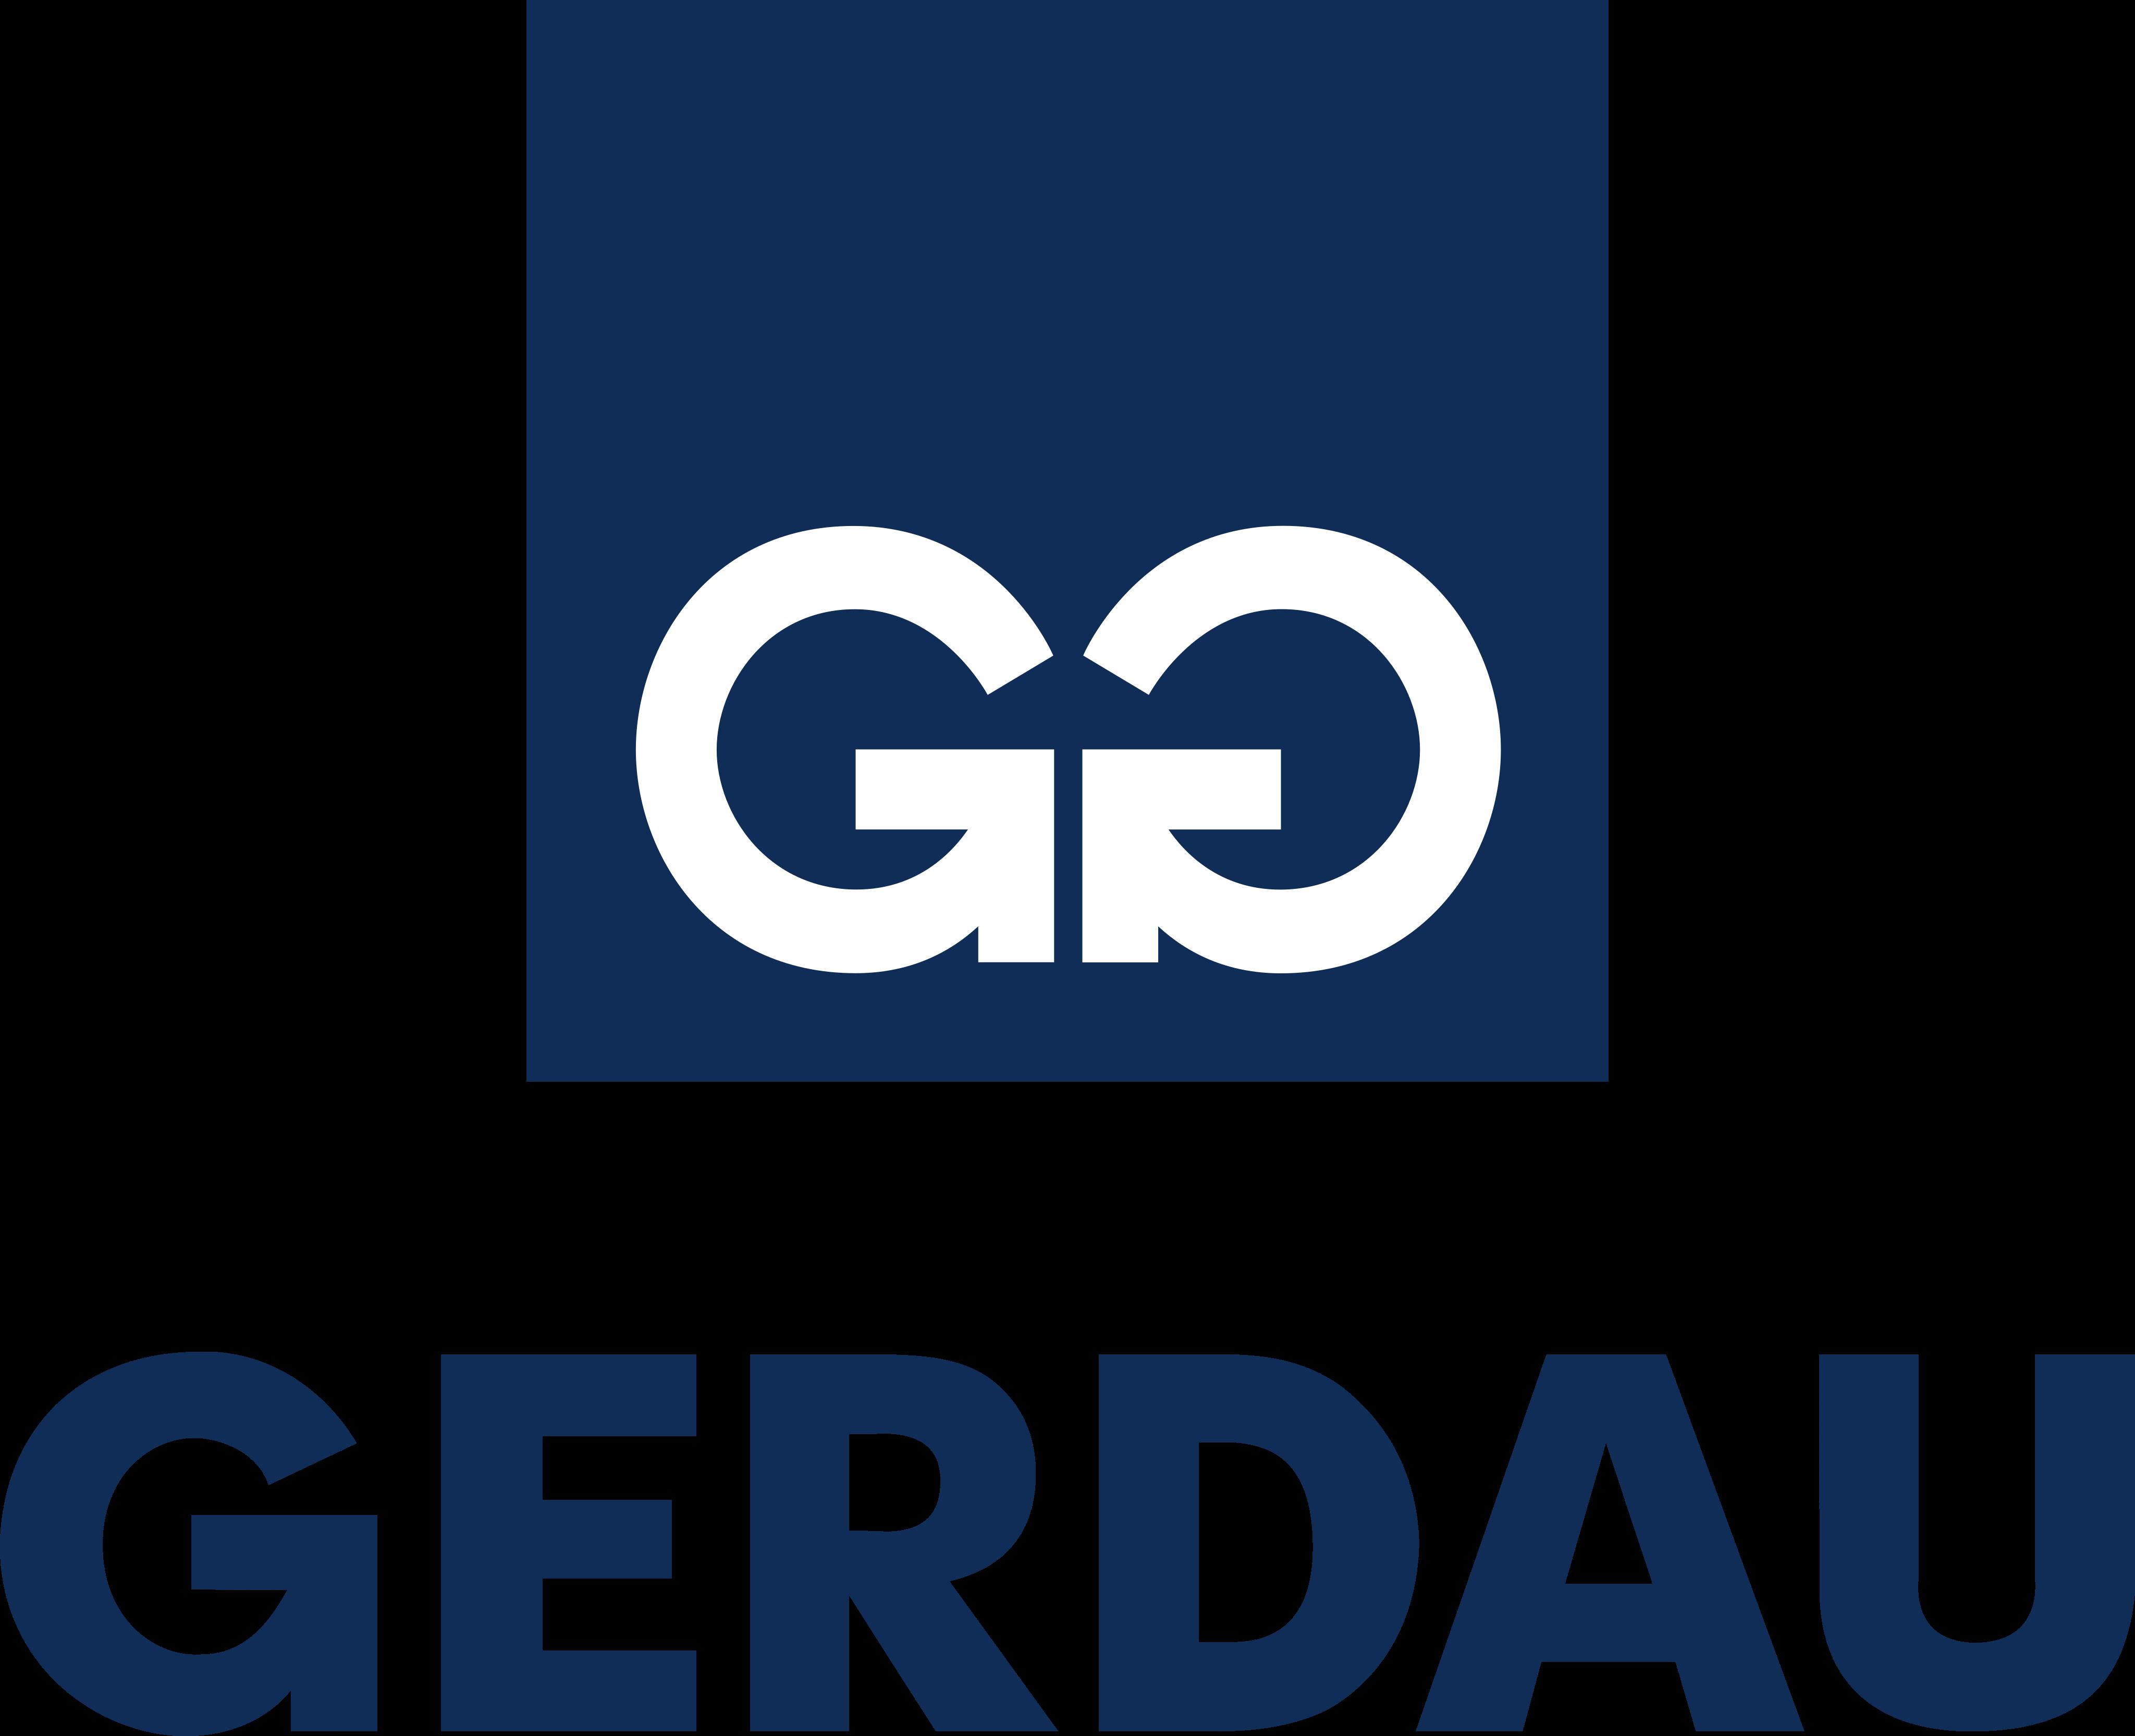 gerdau logo 1 1 - Gerdau Logo